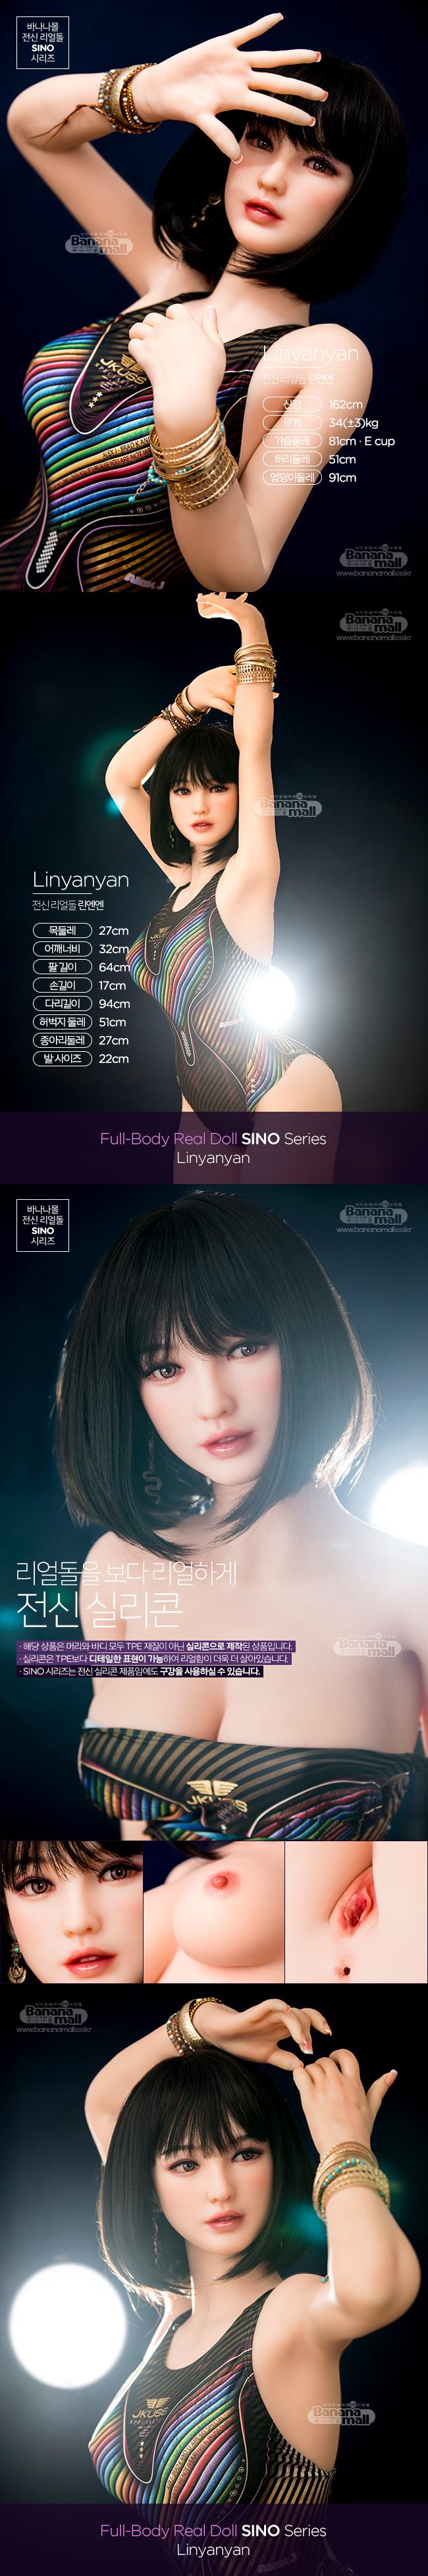 [전신 리얼돌] 린엔엔(Linyanyan) 162cm - 전신 실리콘/풀 커스터마이징 Sino(Linyanyan)